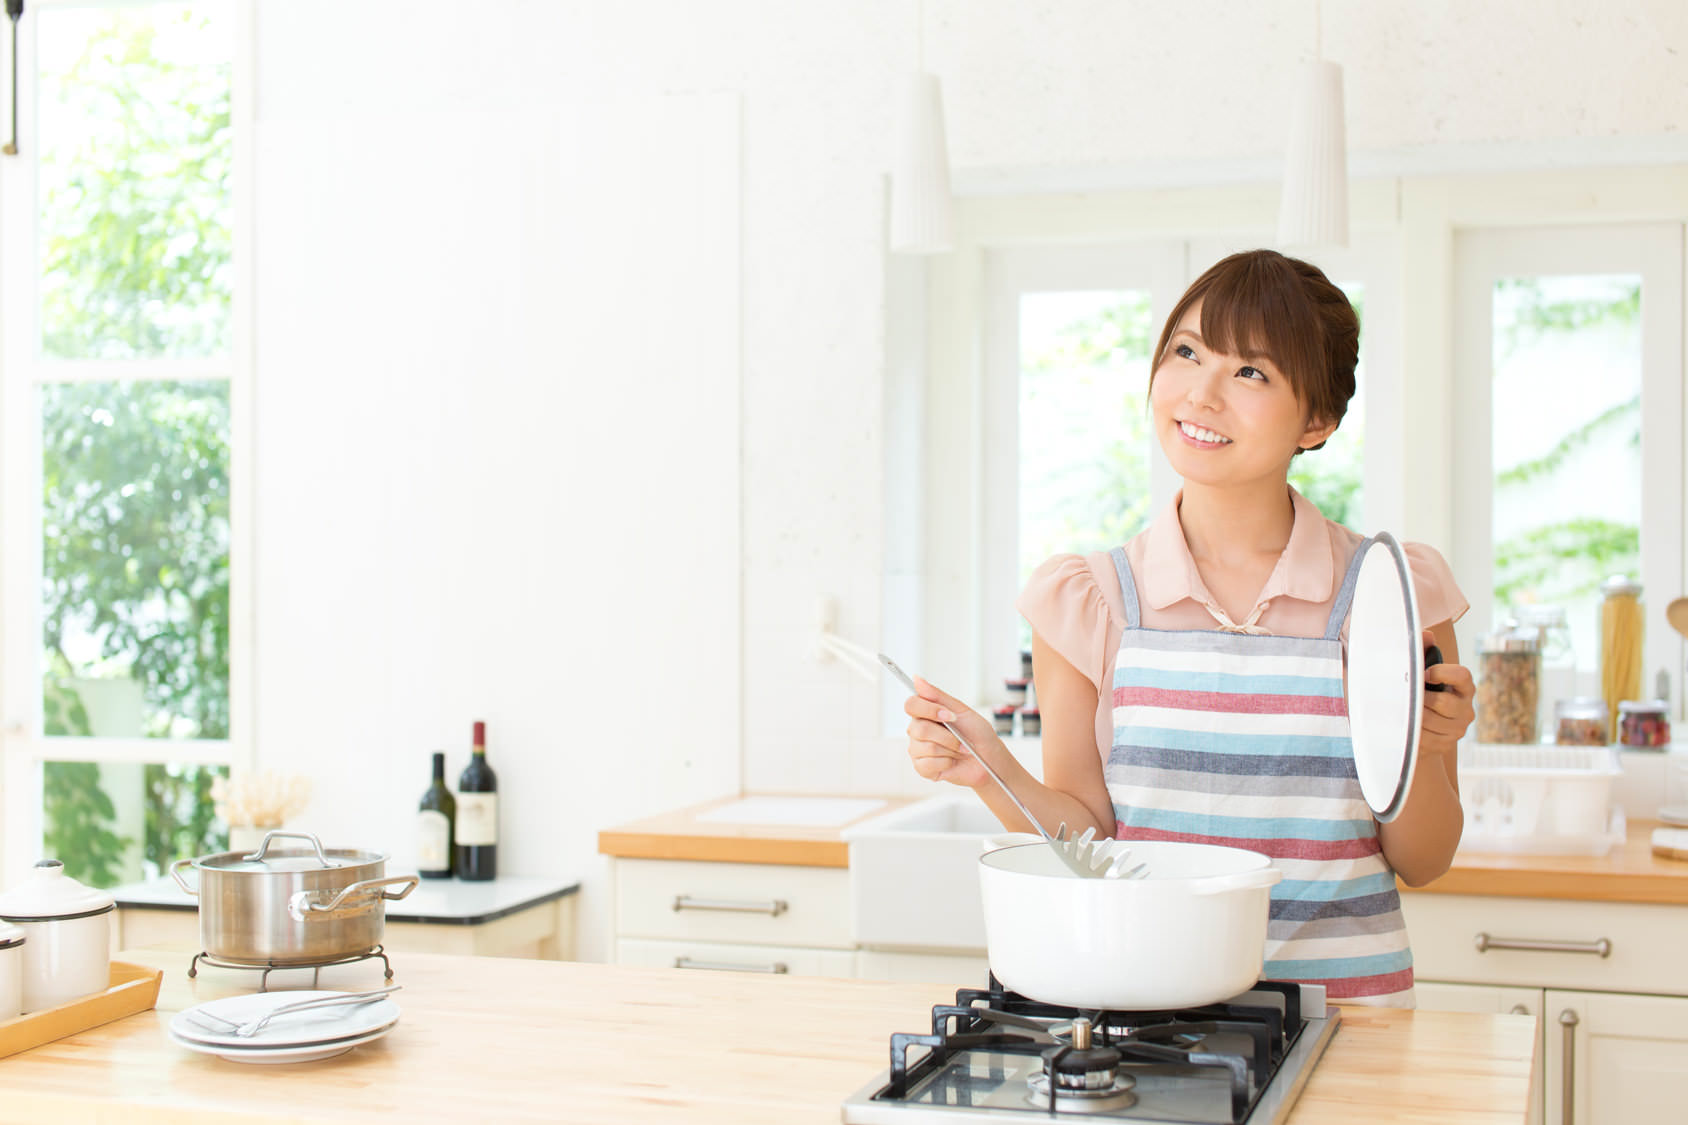 1人暮らしの人必見! ささっと出来ちゃう簡単で美味しいレシピ☆のサムネイル画像